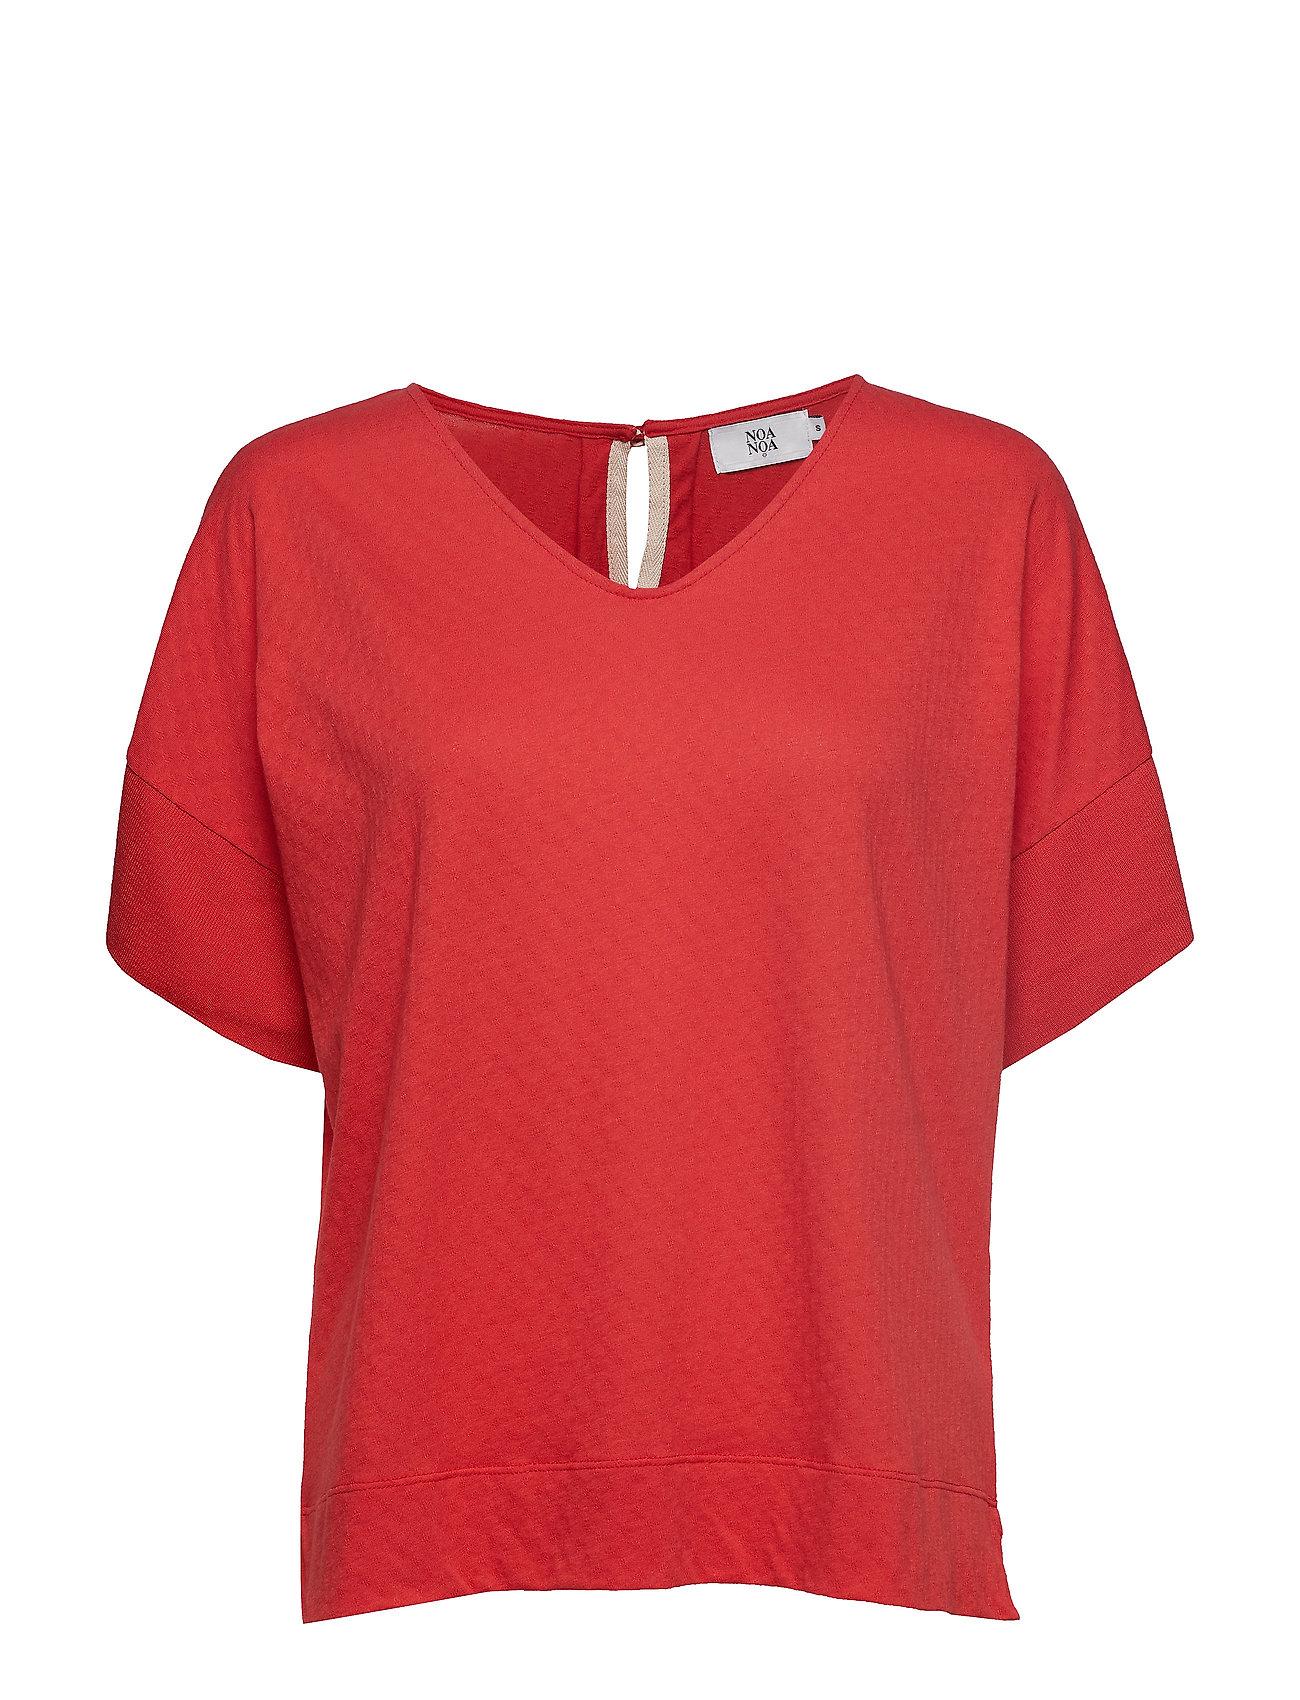 Noa Noa T-shirt - VALIANT POPPY